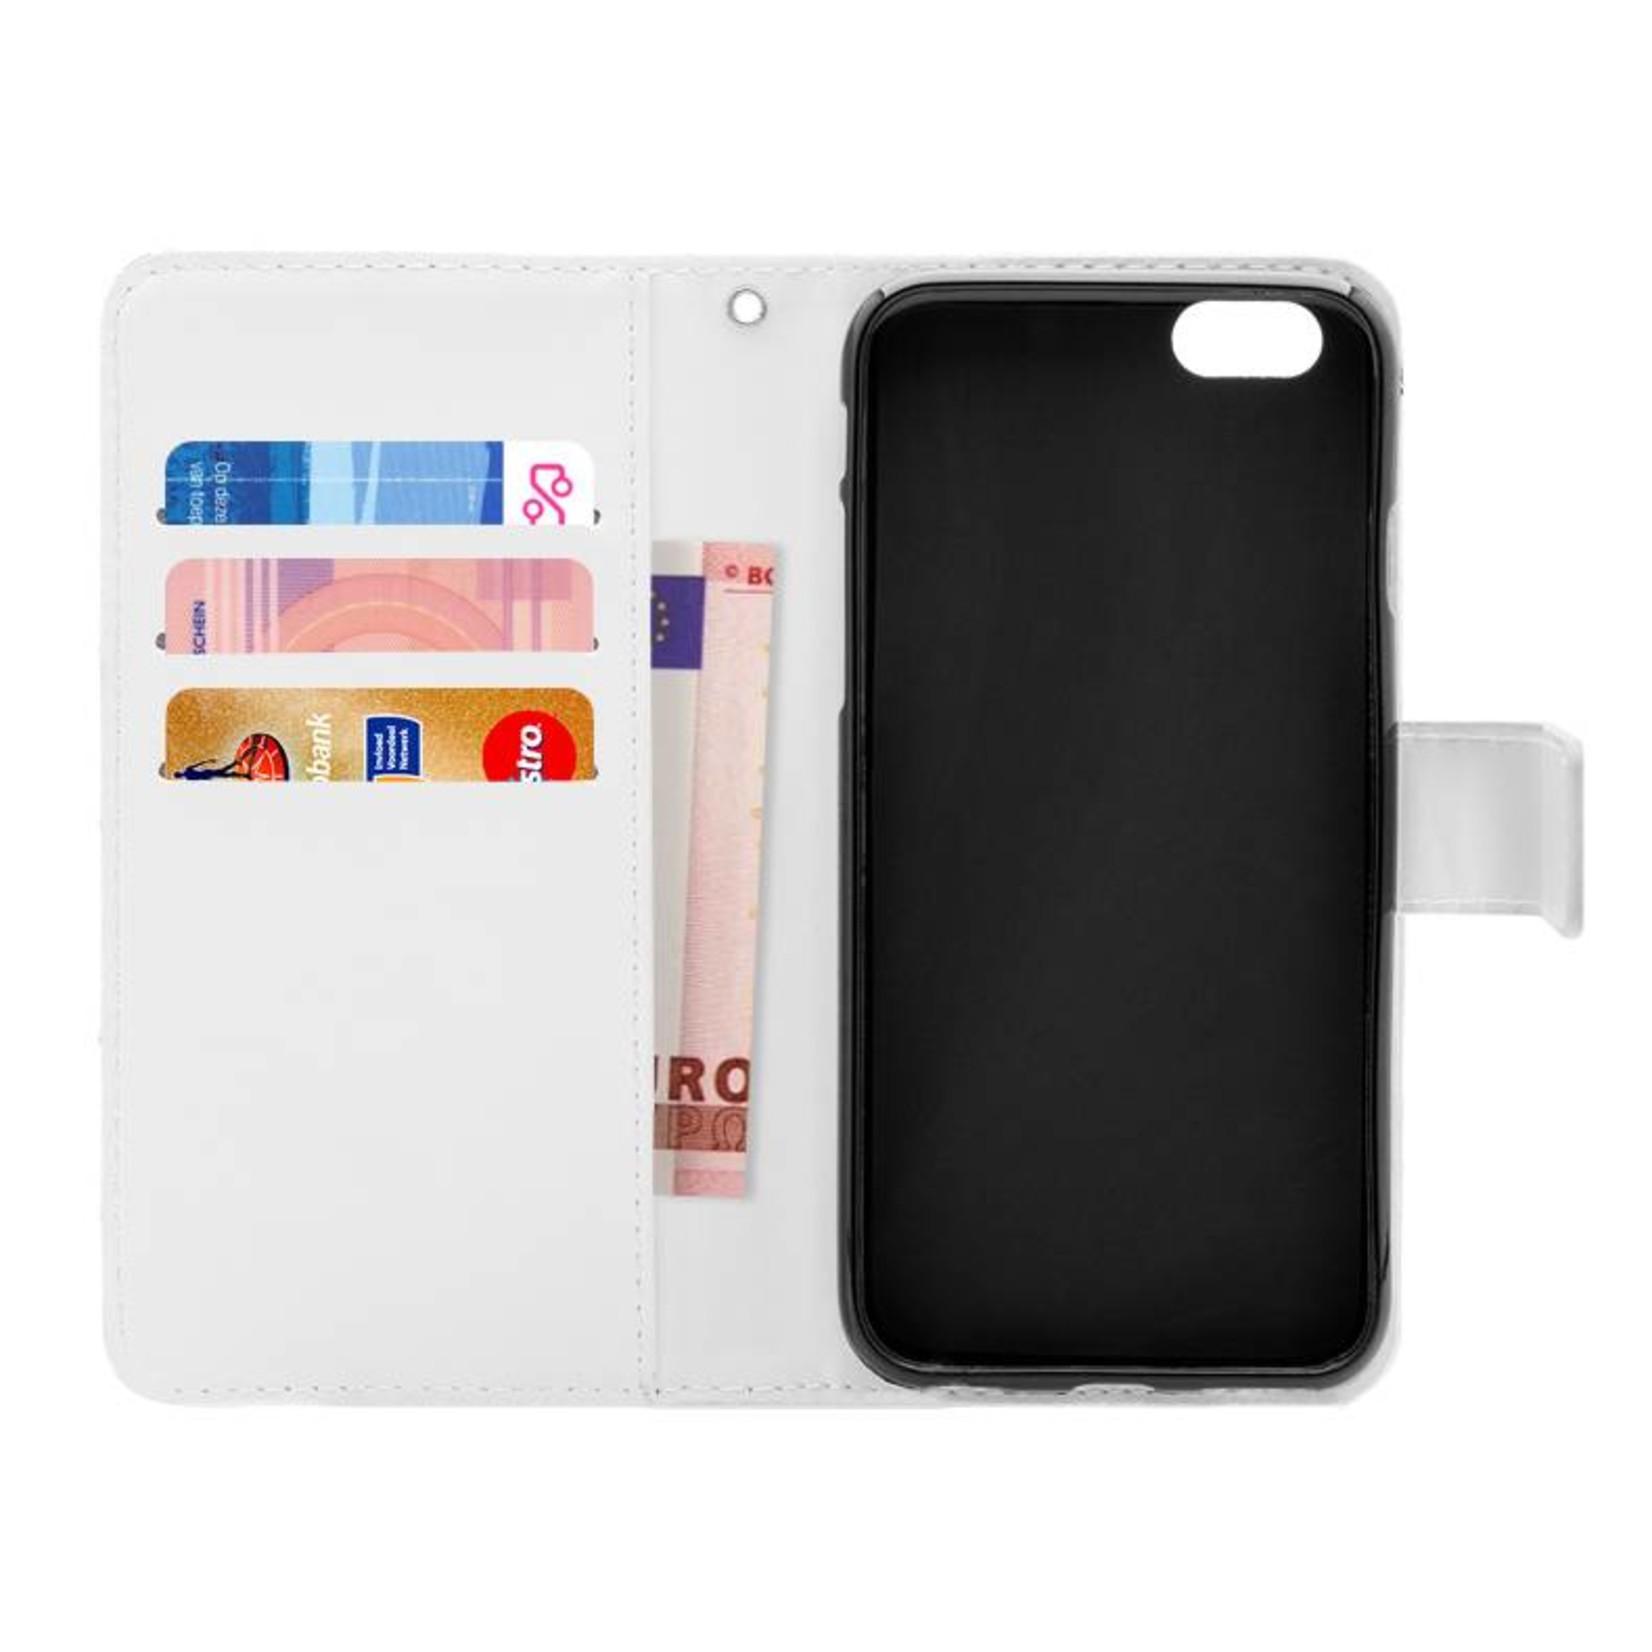 FOONCASE iPhone 6 Plus hoesje - Bookcase - Flipcase - Hoesje met pasjes - Luipaard / Leopard print